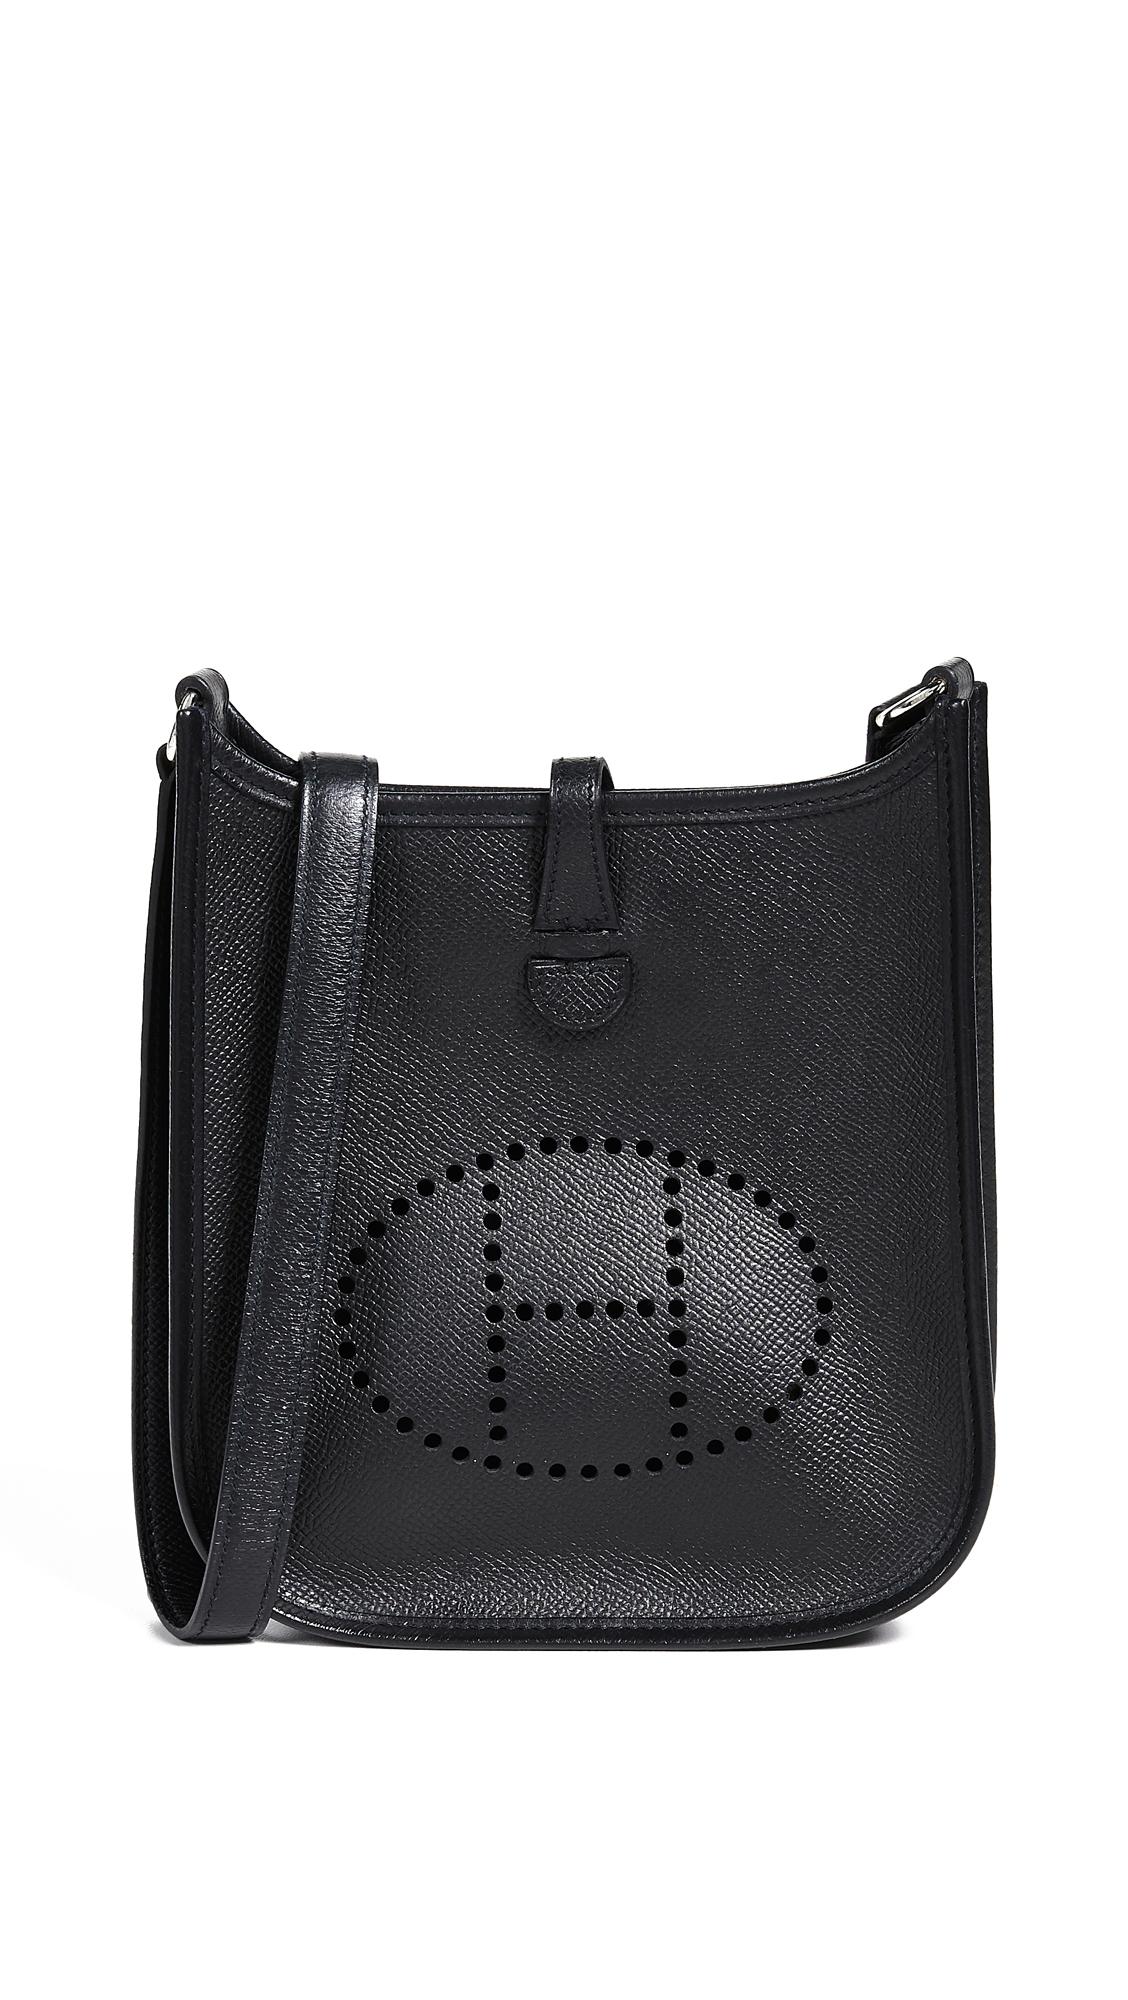 Hermes Black Epsom Evelyne Bag